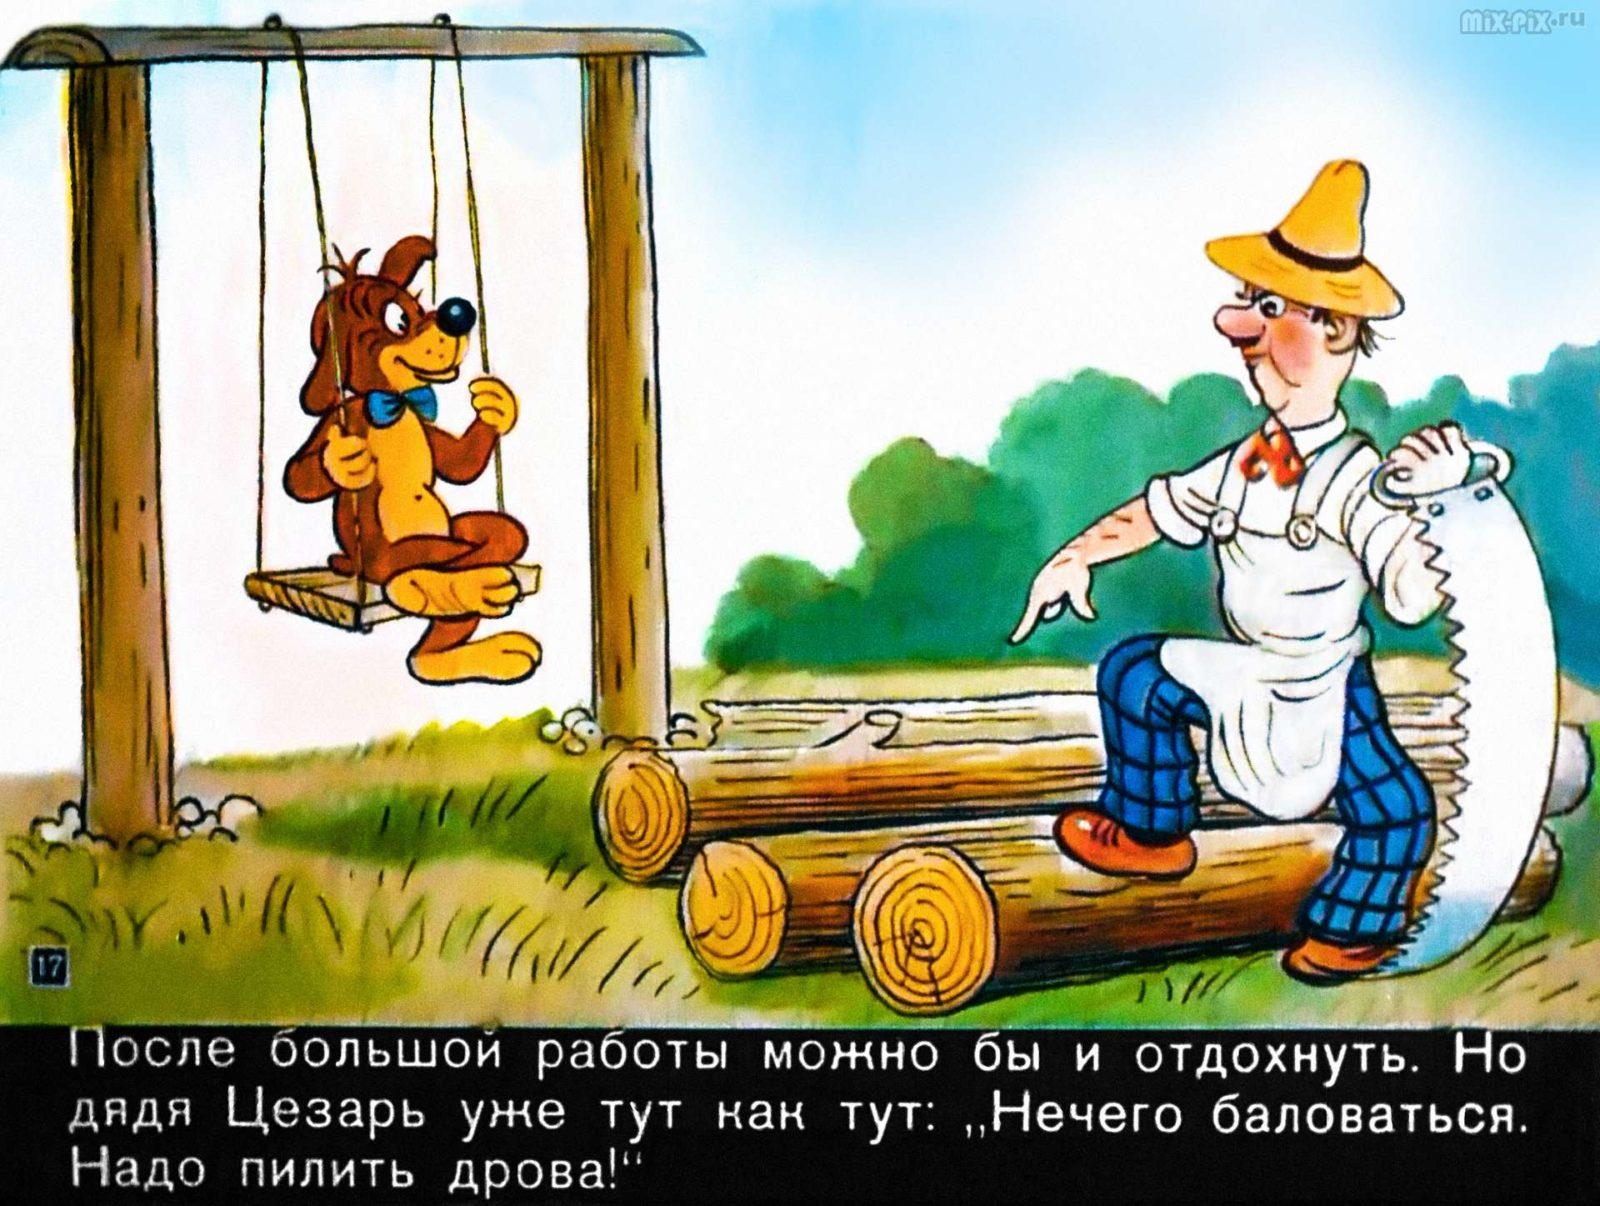 Диафильм - Приключения Пифа (1960)